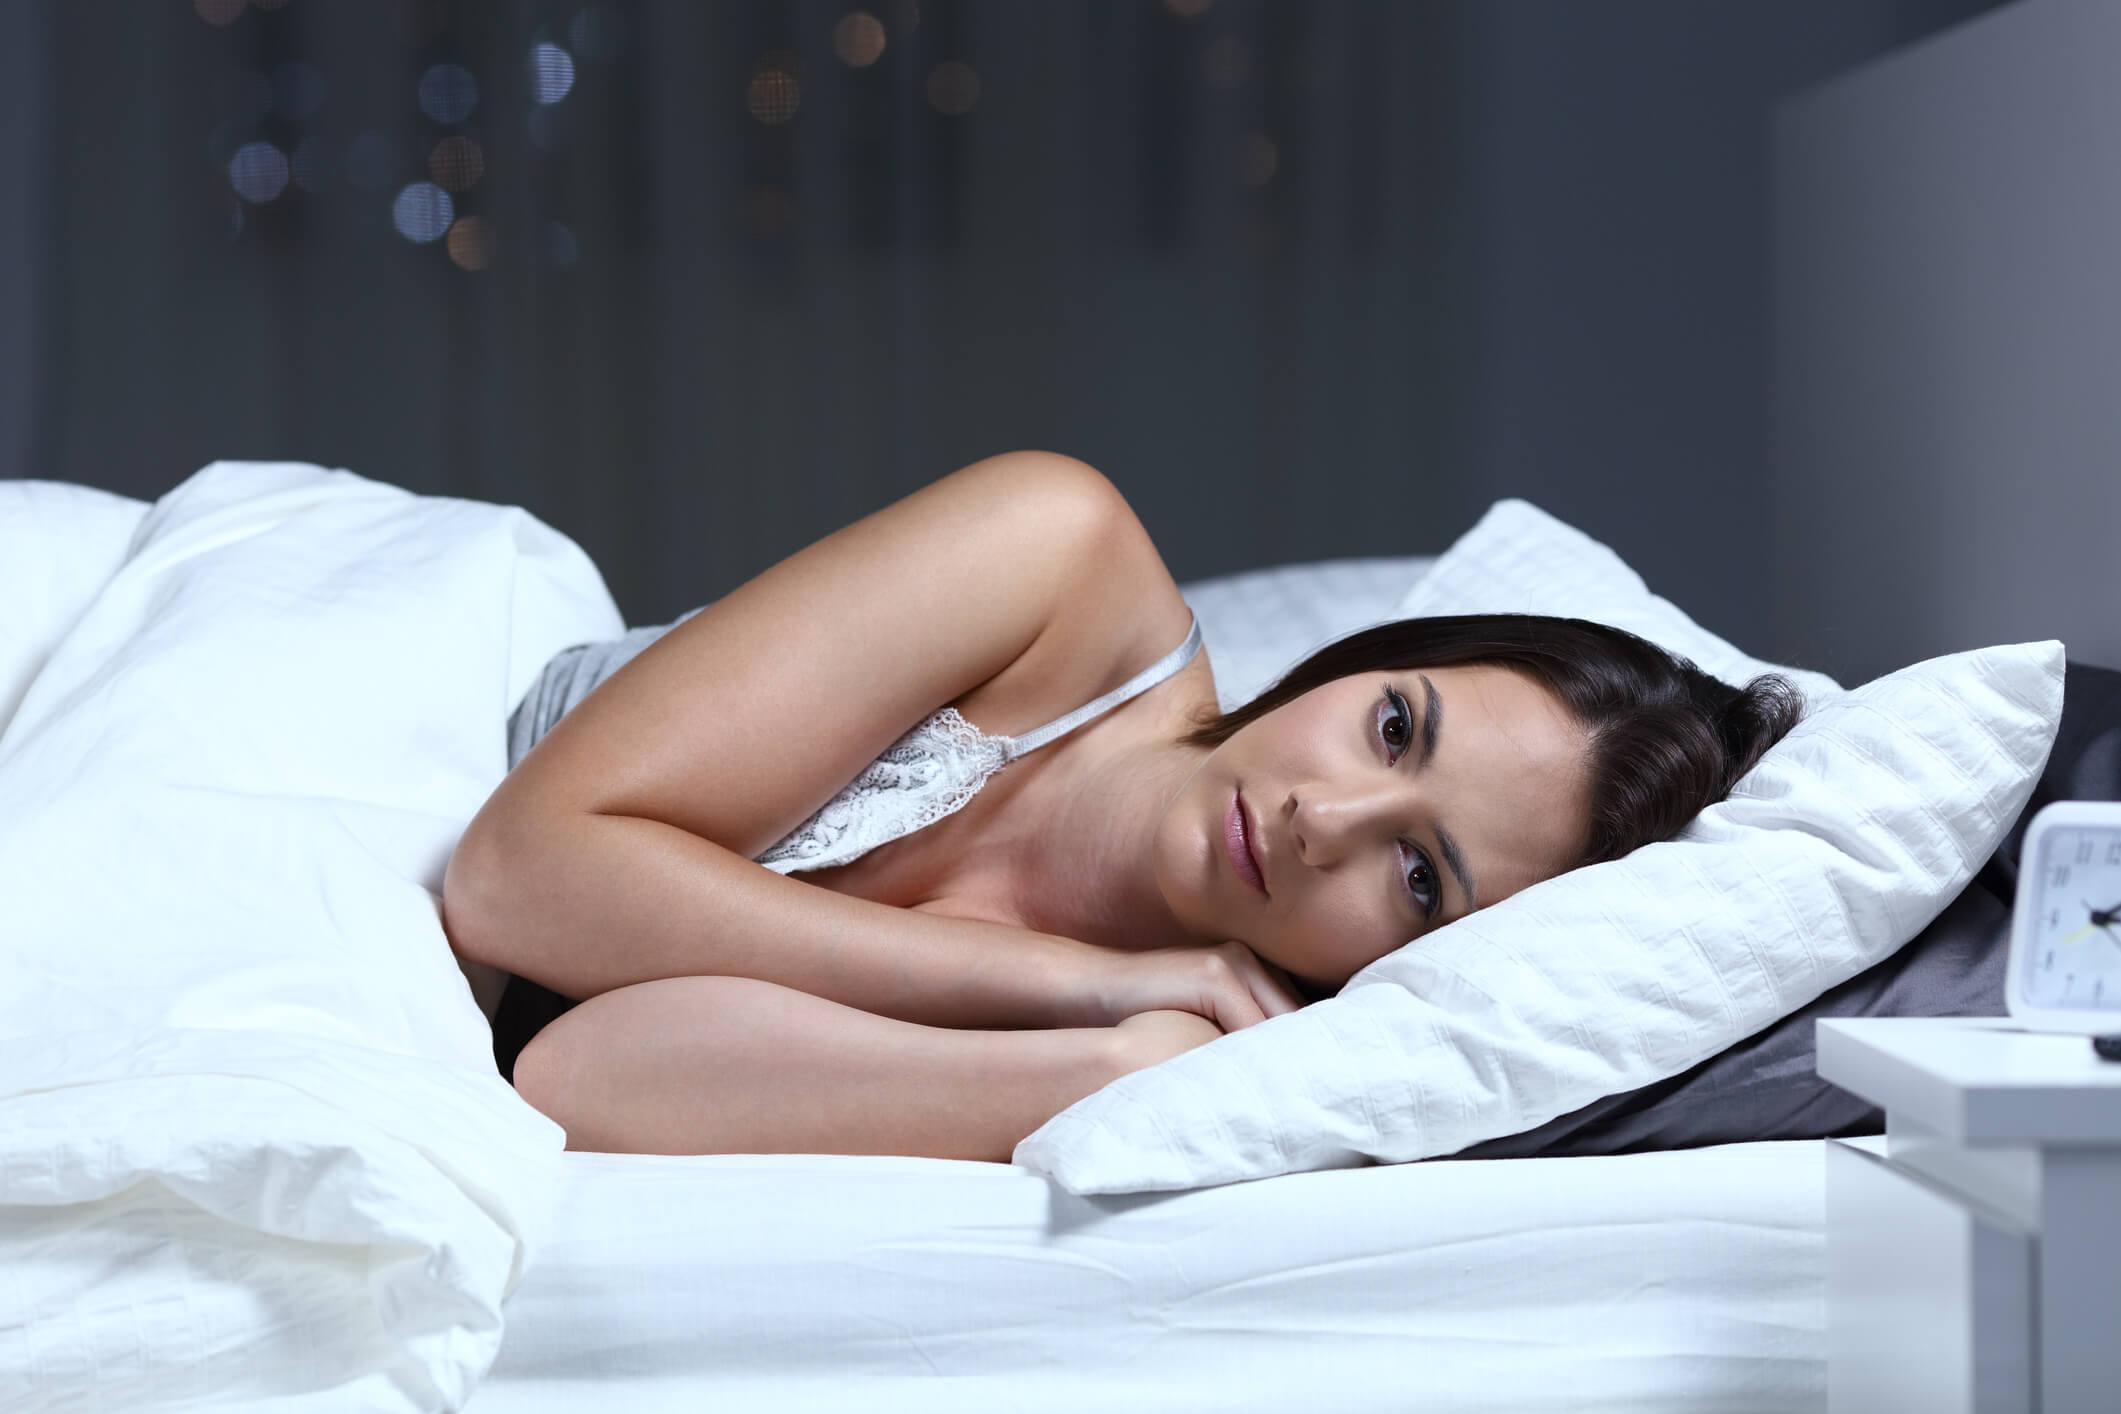 Vrouw heeft problemen met slapen en heeft geen oplossing